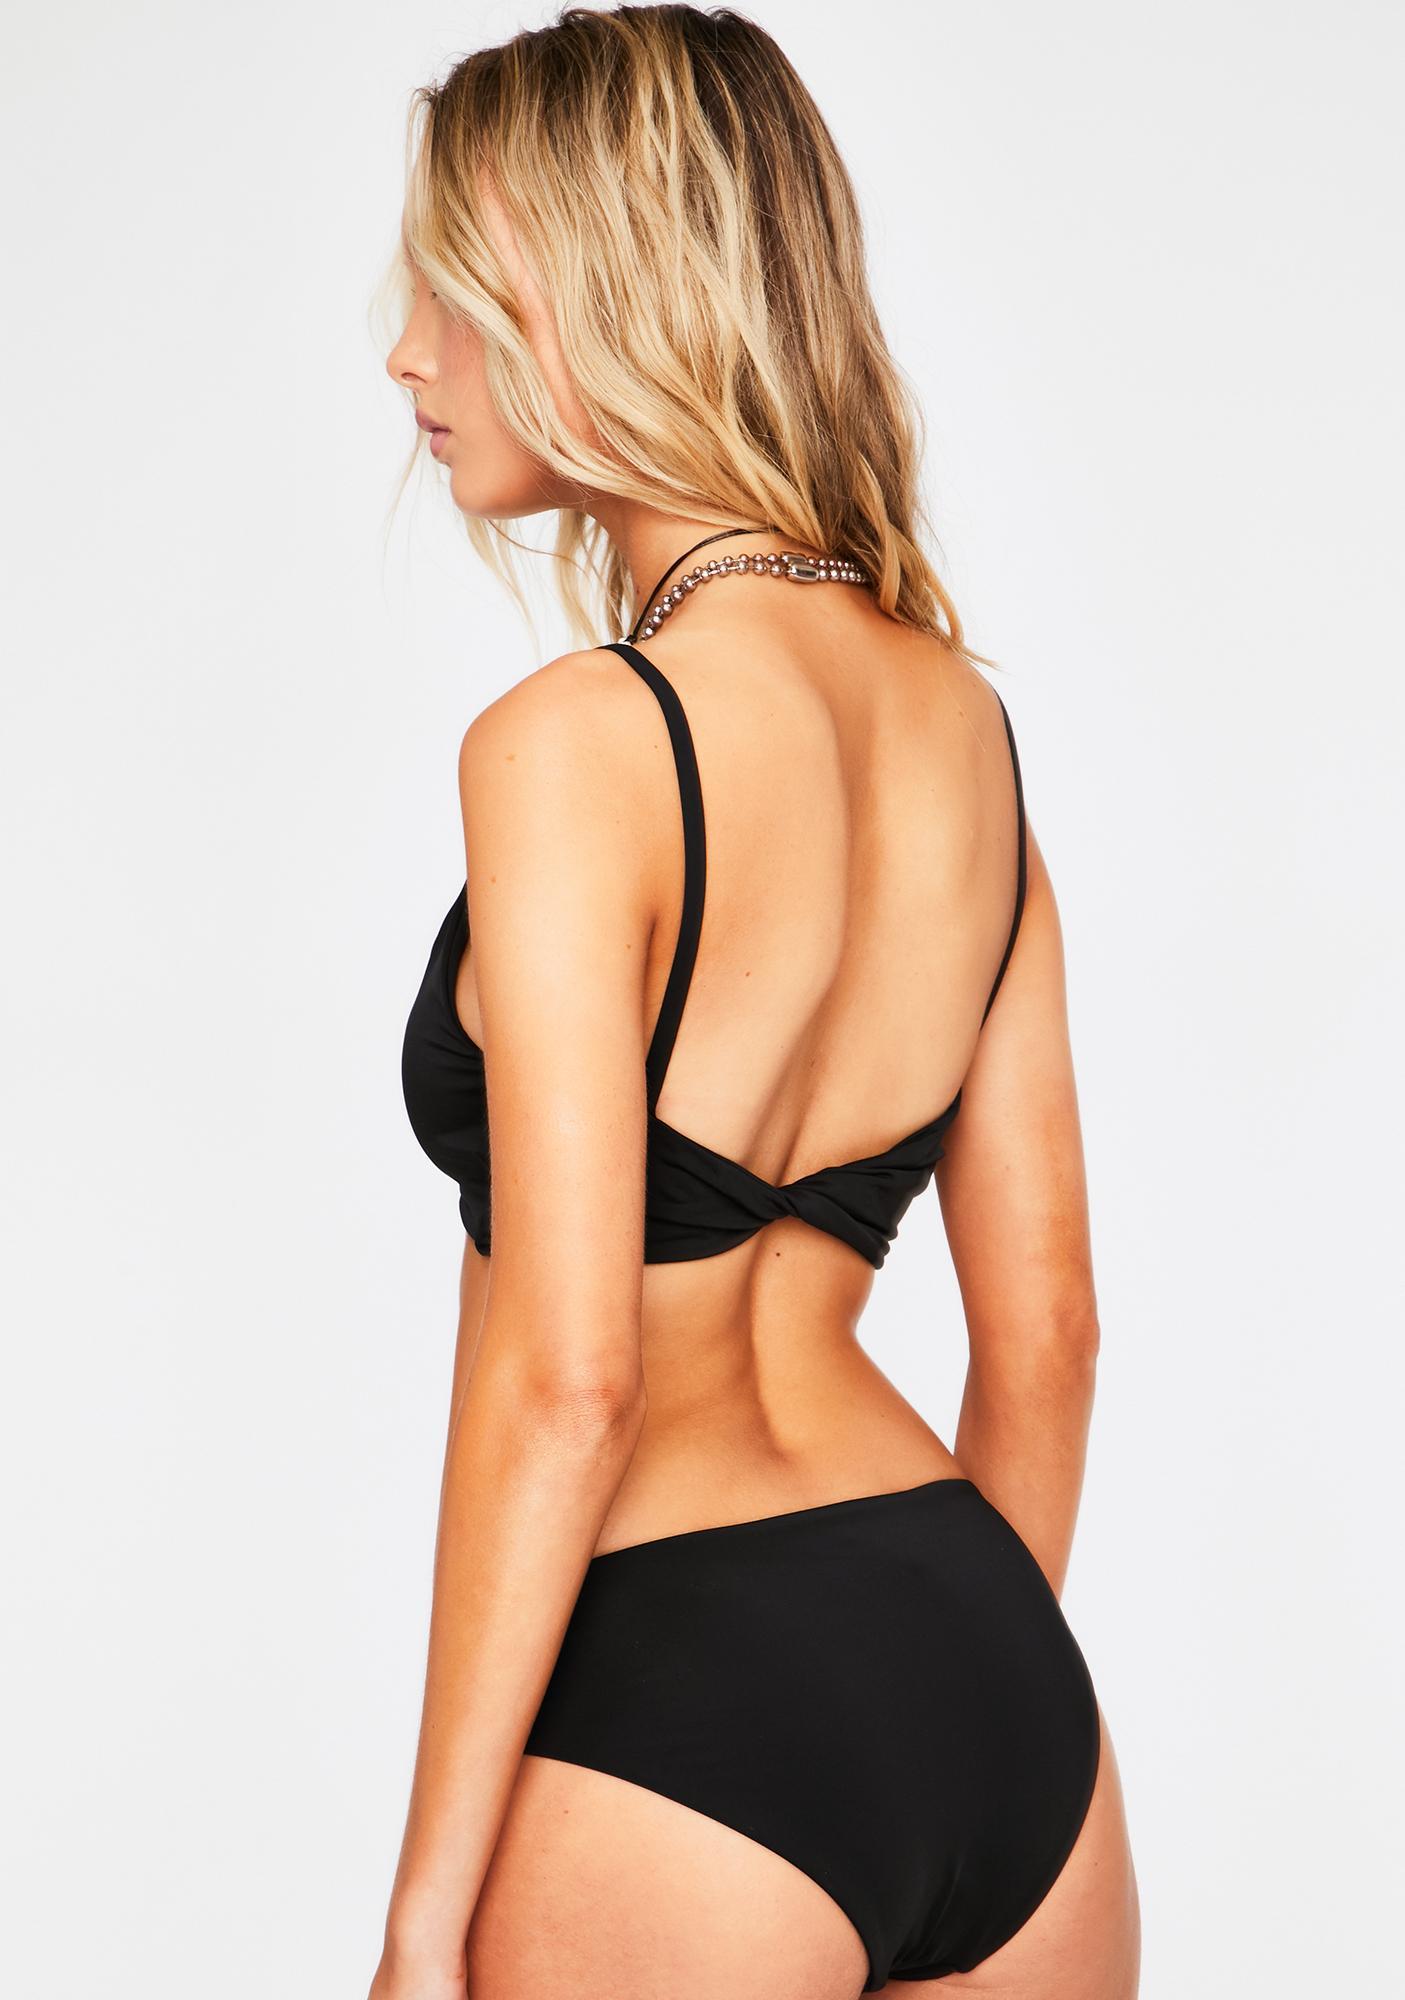 Dippin' Daisy's Black Charmer Cut Out Bikini Bottoms